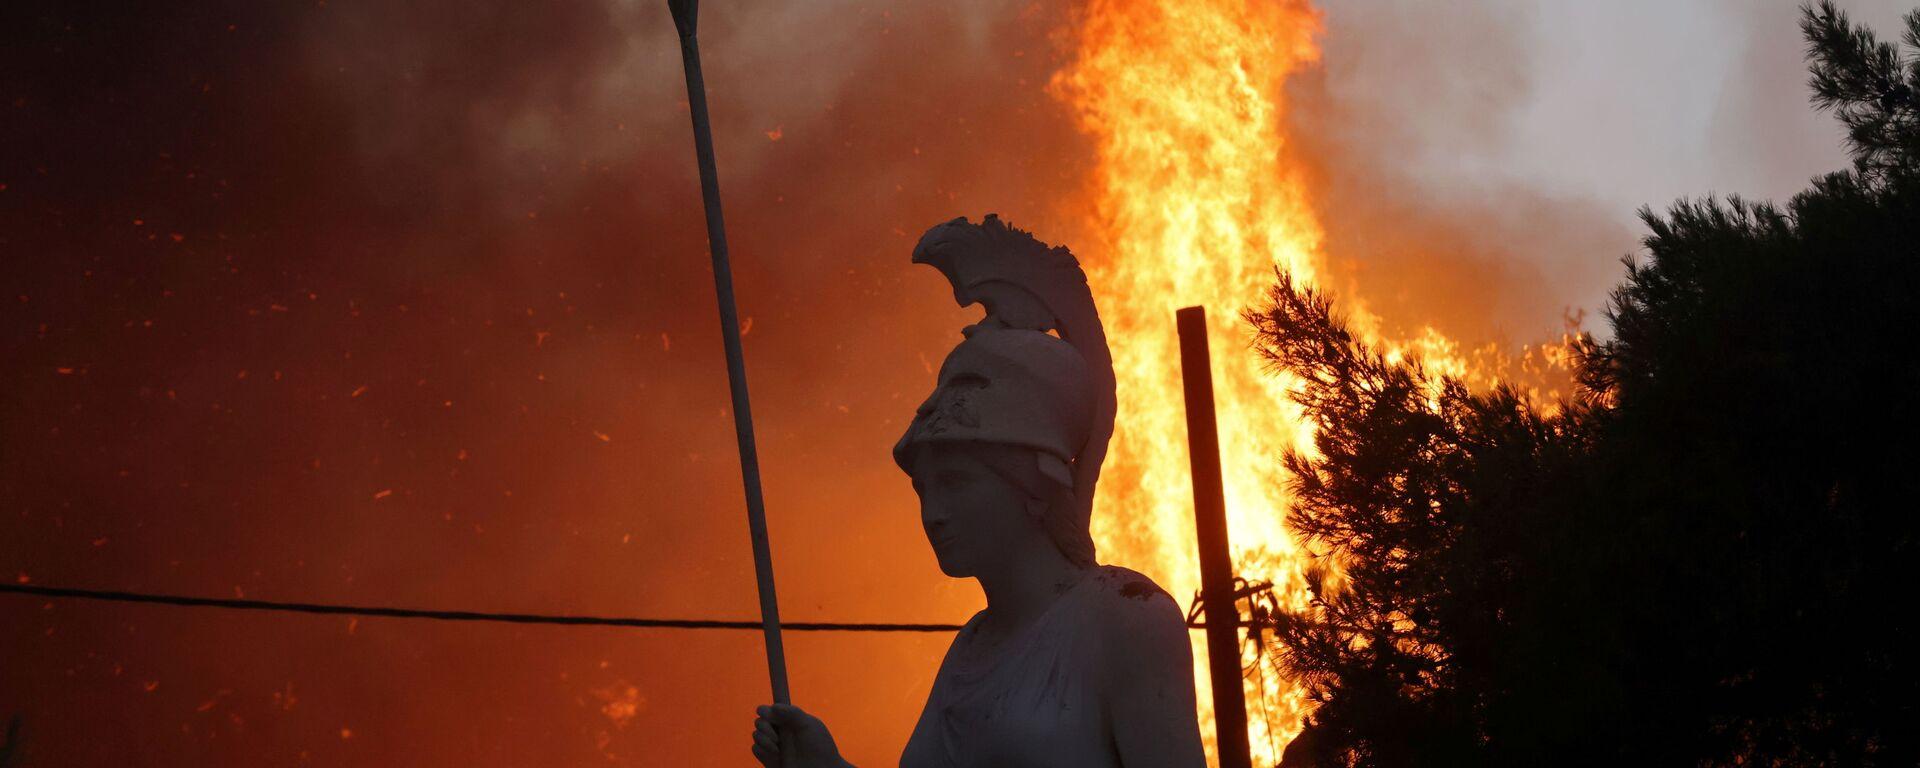 Waldbrände in Griechenland - SNA, 1920, 05.08.2021